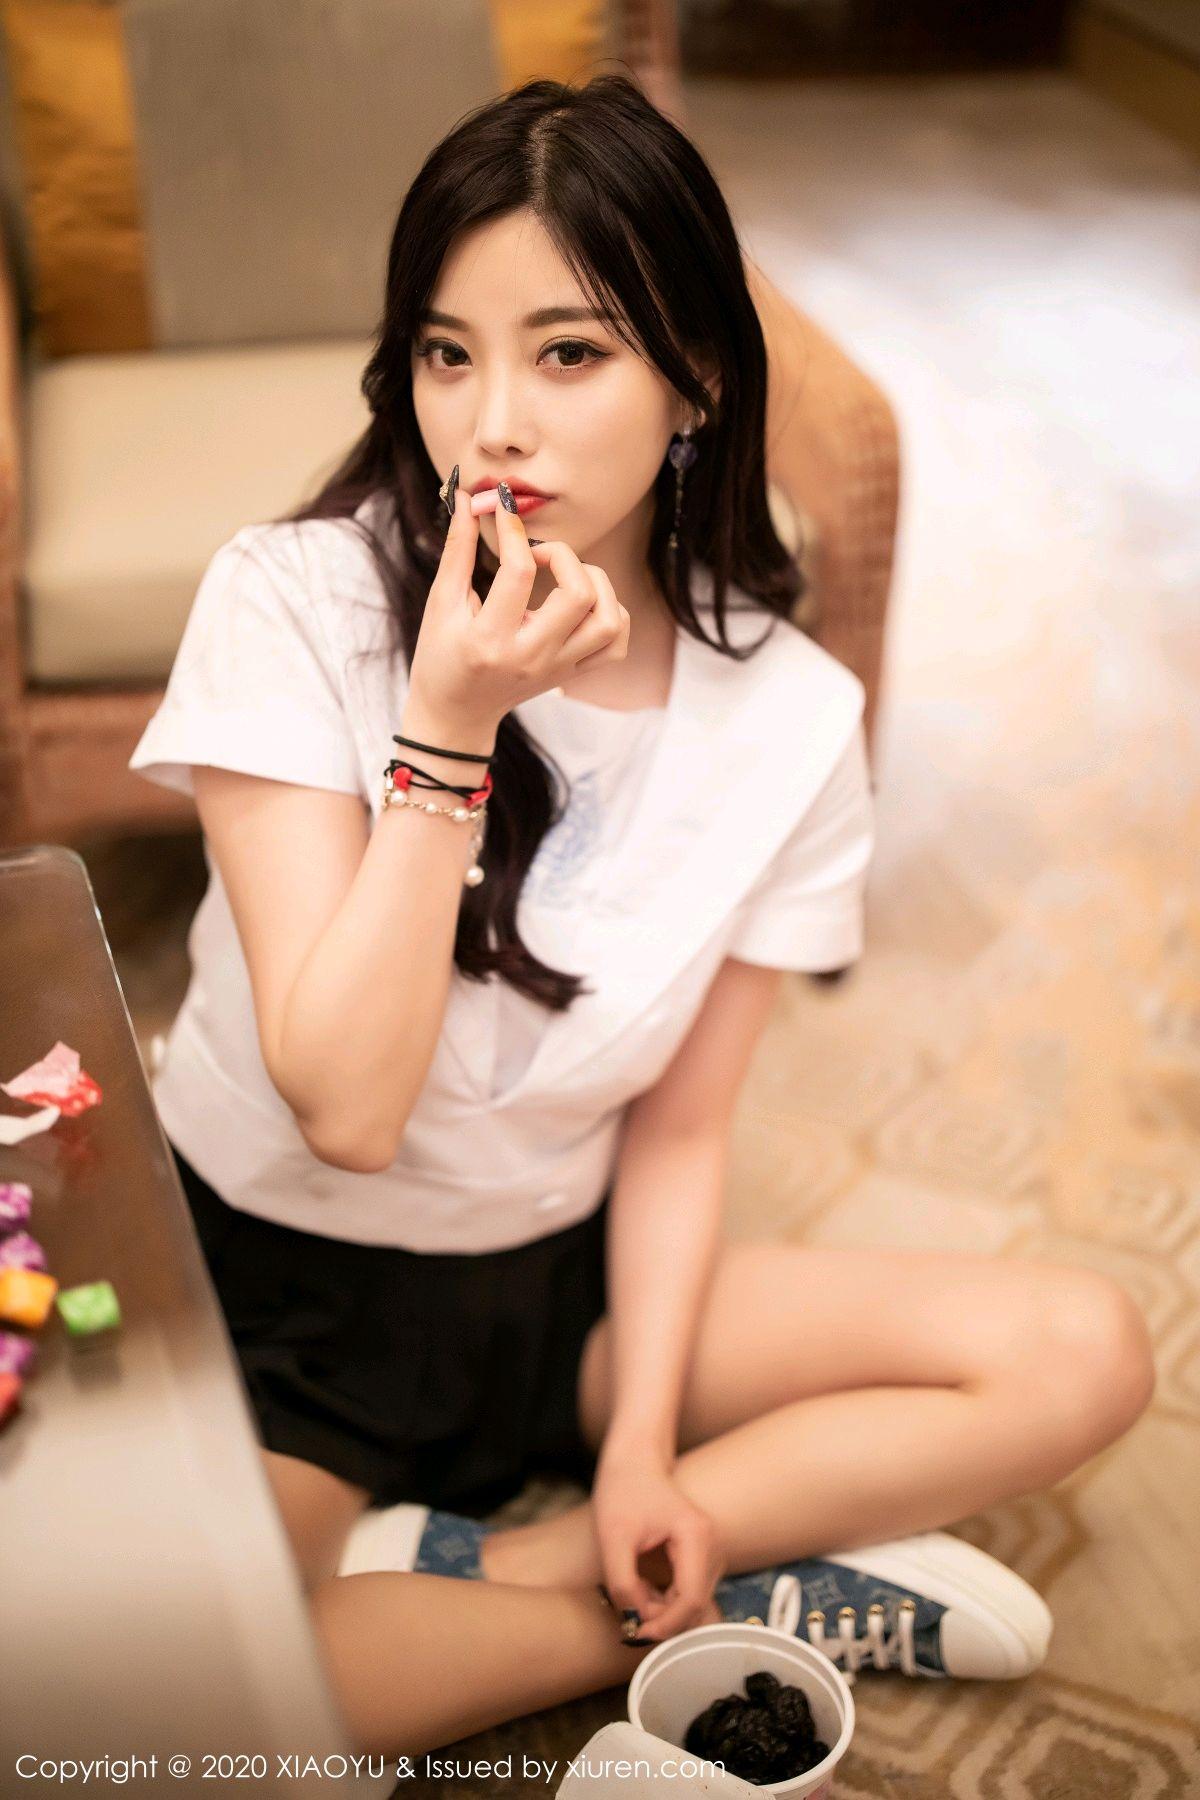 [XIAOYU] Vol.305 Yang Chen Chen 18P, Sexy, Underwear, Uniform, XiaoYu, Yang Chen Chen